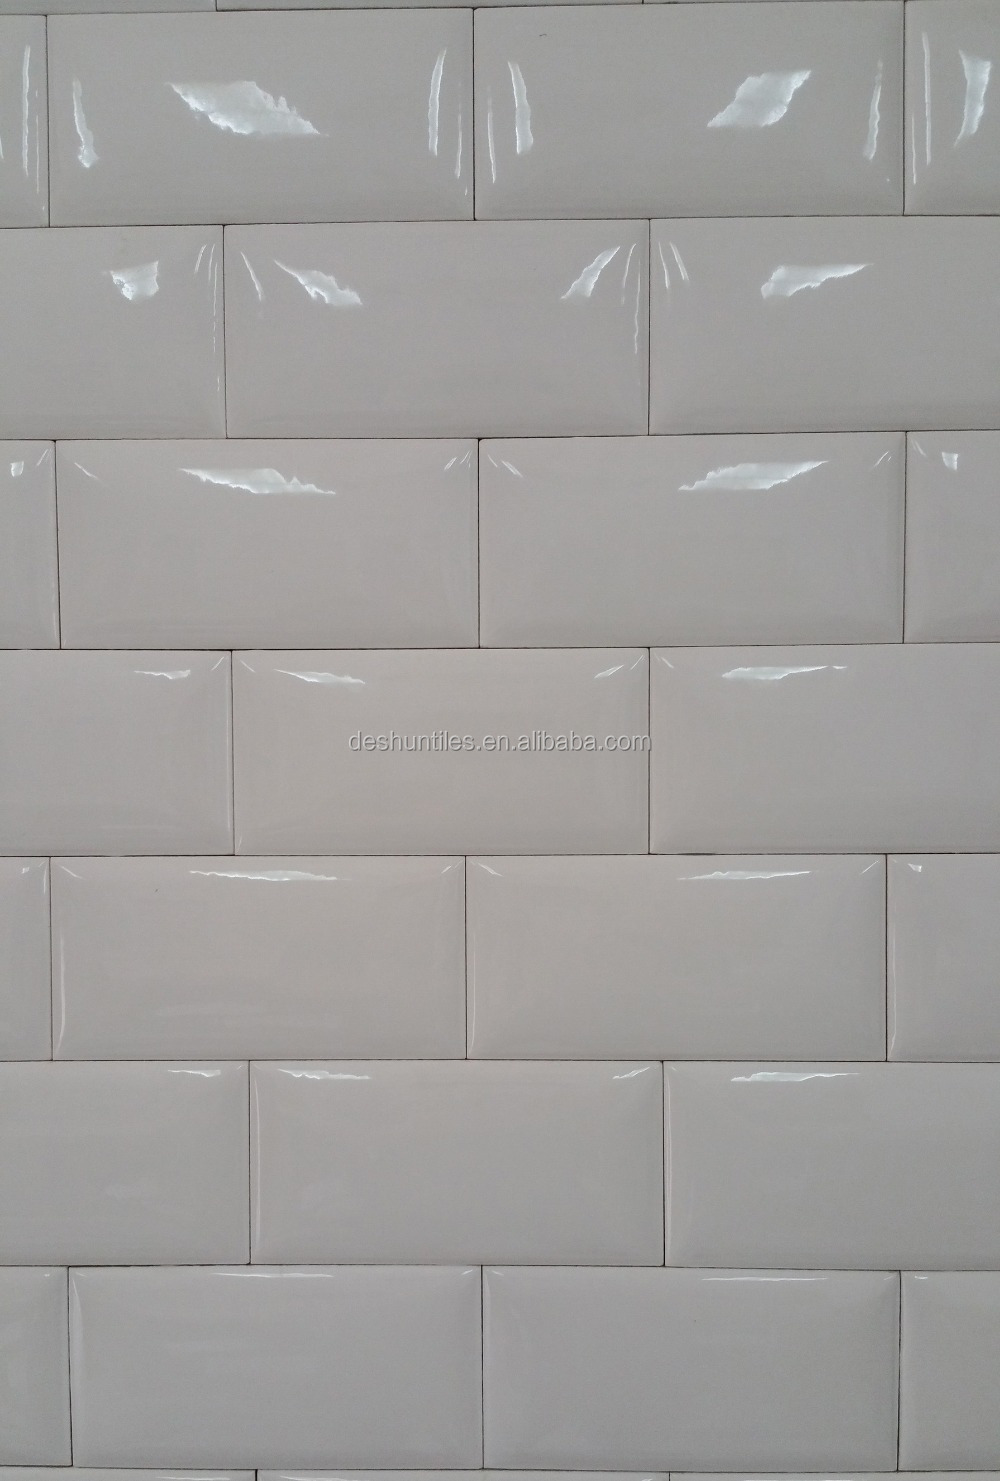 75x152mm Bathroom Wall Decorative Subway Bathroom Tile Board Wall Part 54